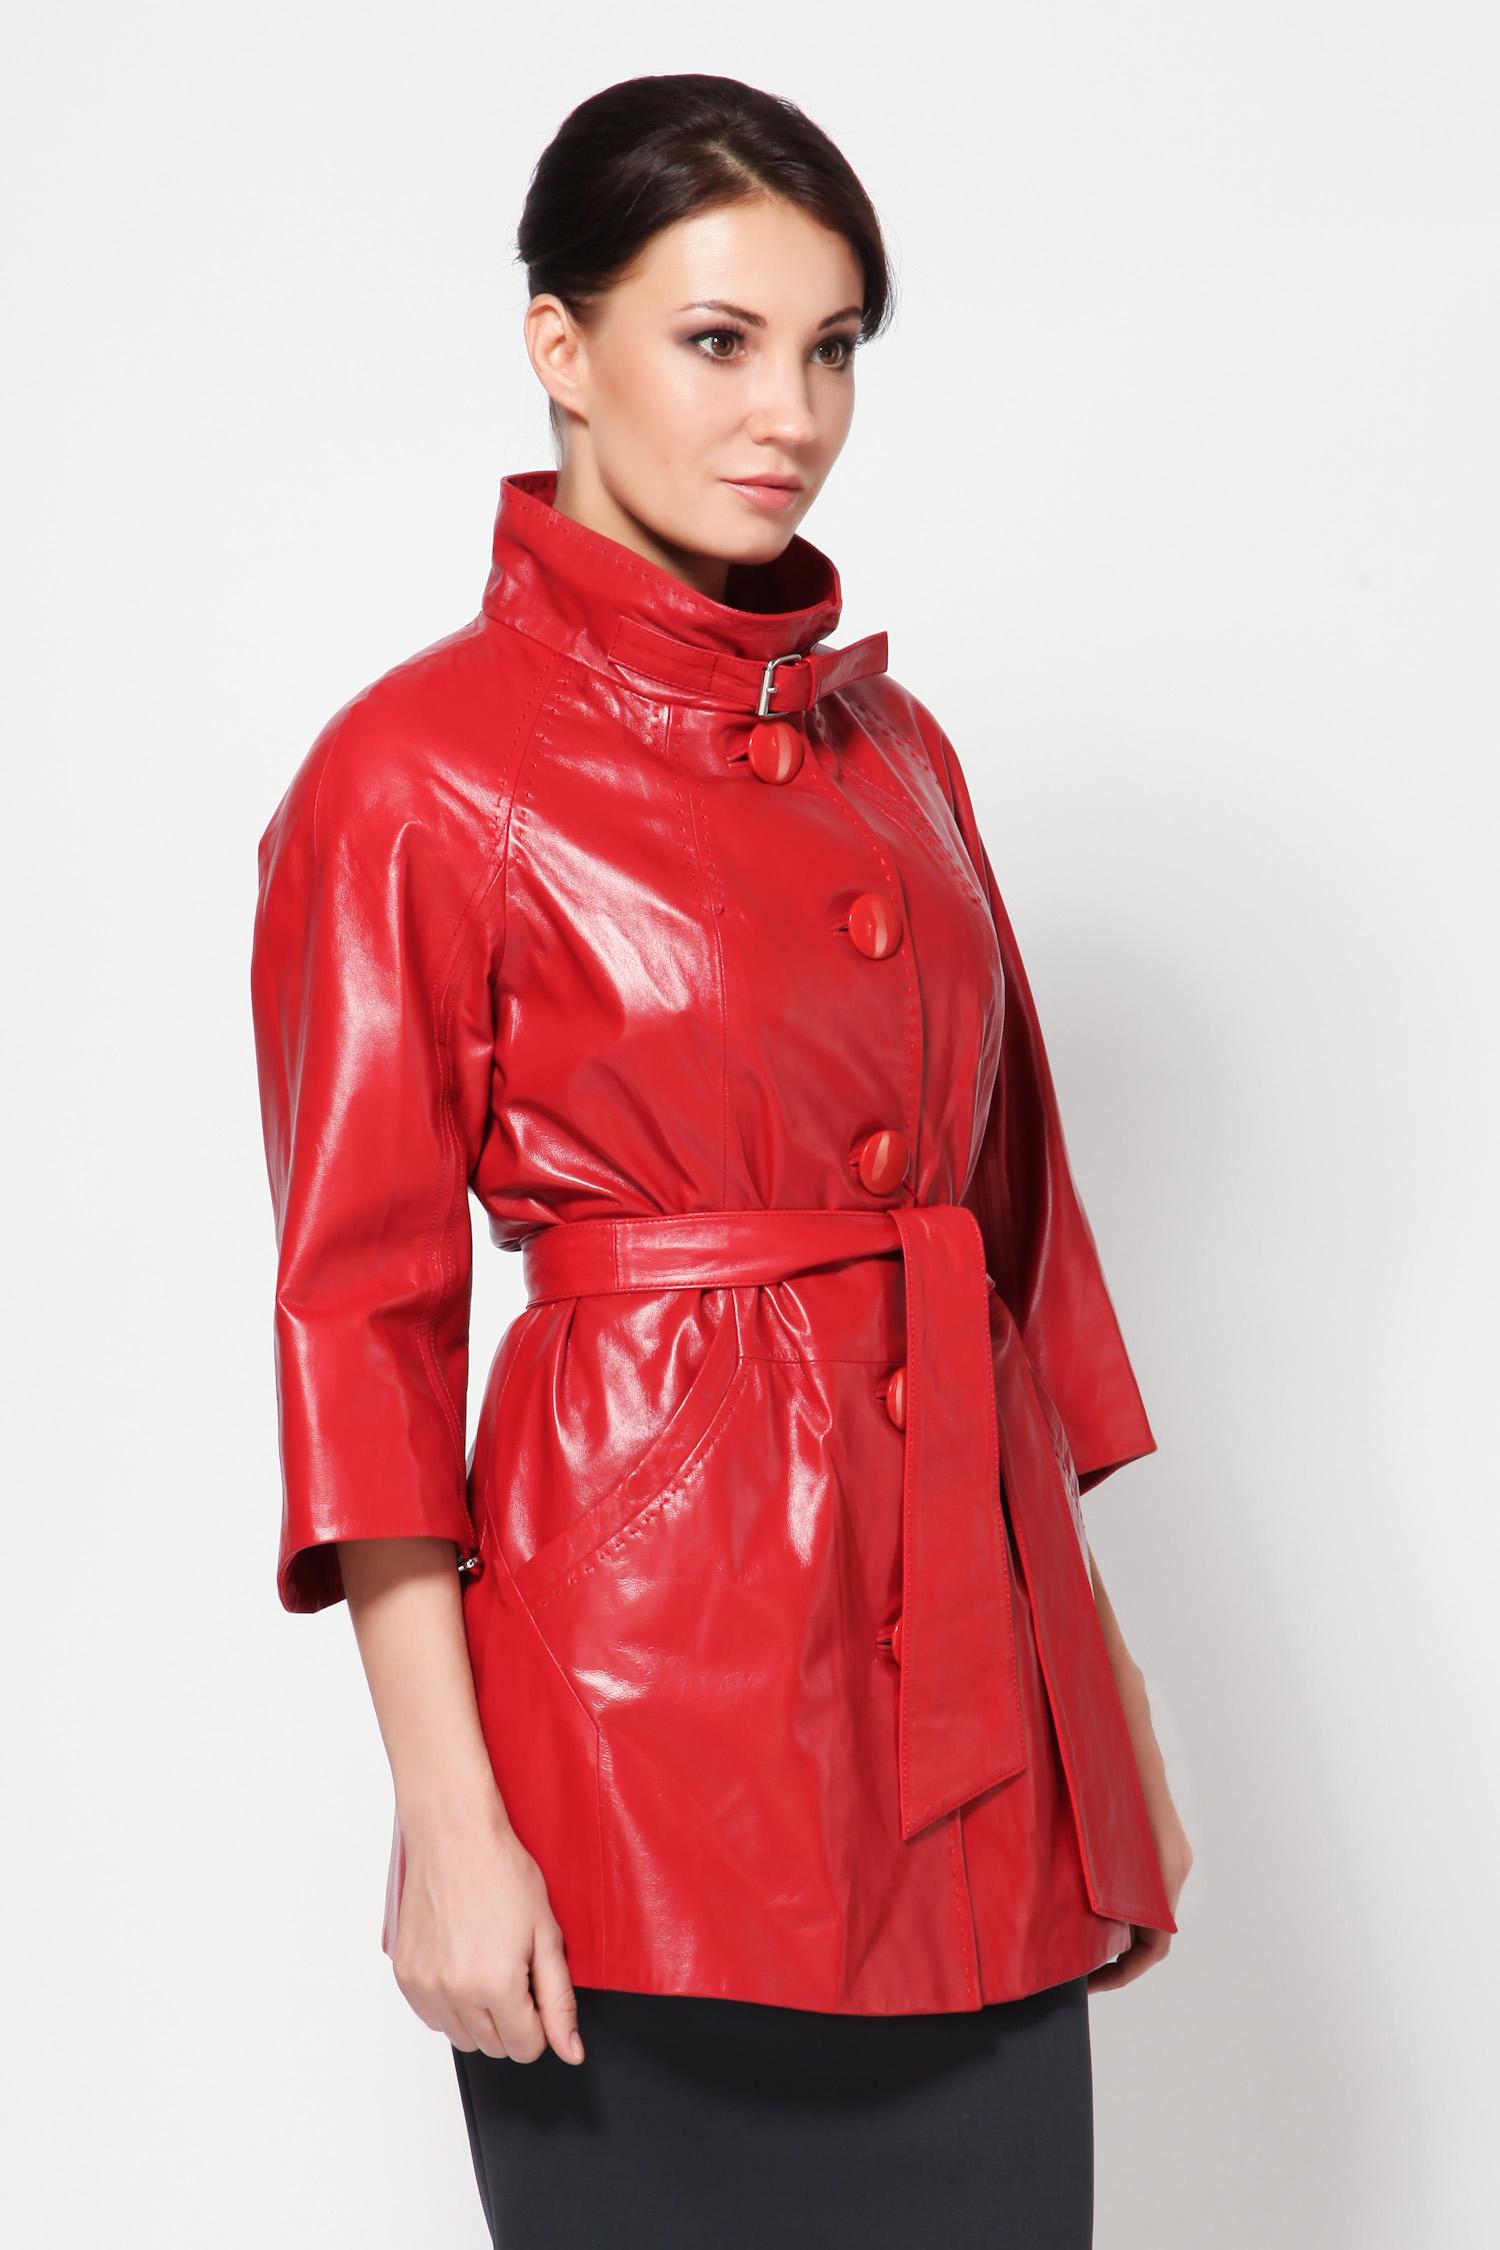 Женская кожаная куртка из натуральной кожи с воротником, без отделки<br><br>Воротник: Стойка<br>Длина см: 75<br>Материал: Плонже<br>Цвет: Красный<br>Пол: Женский